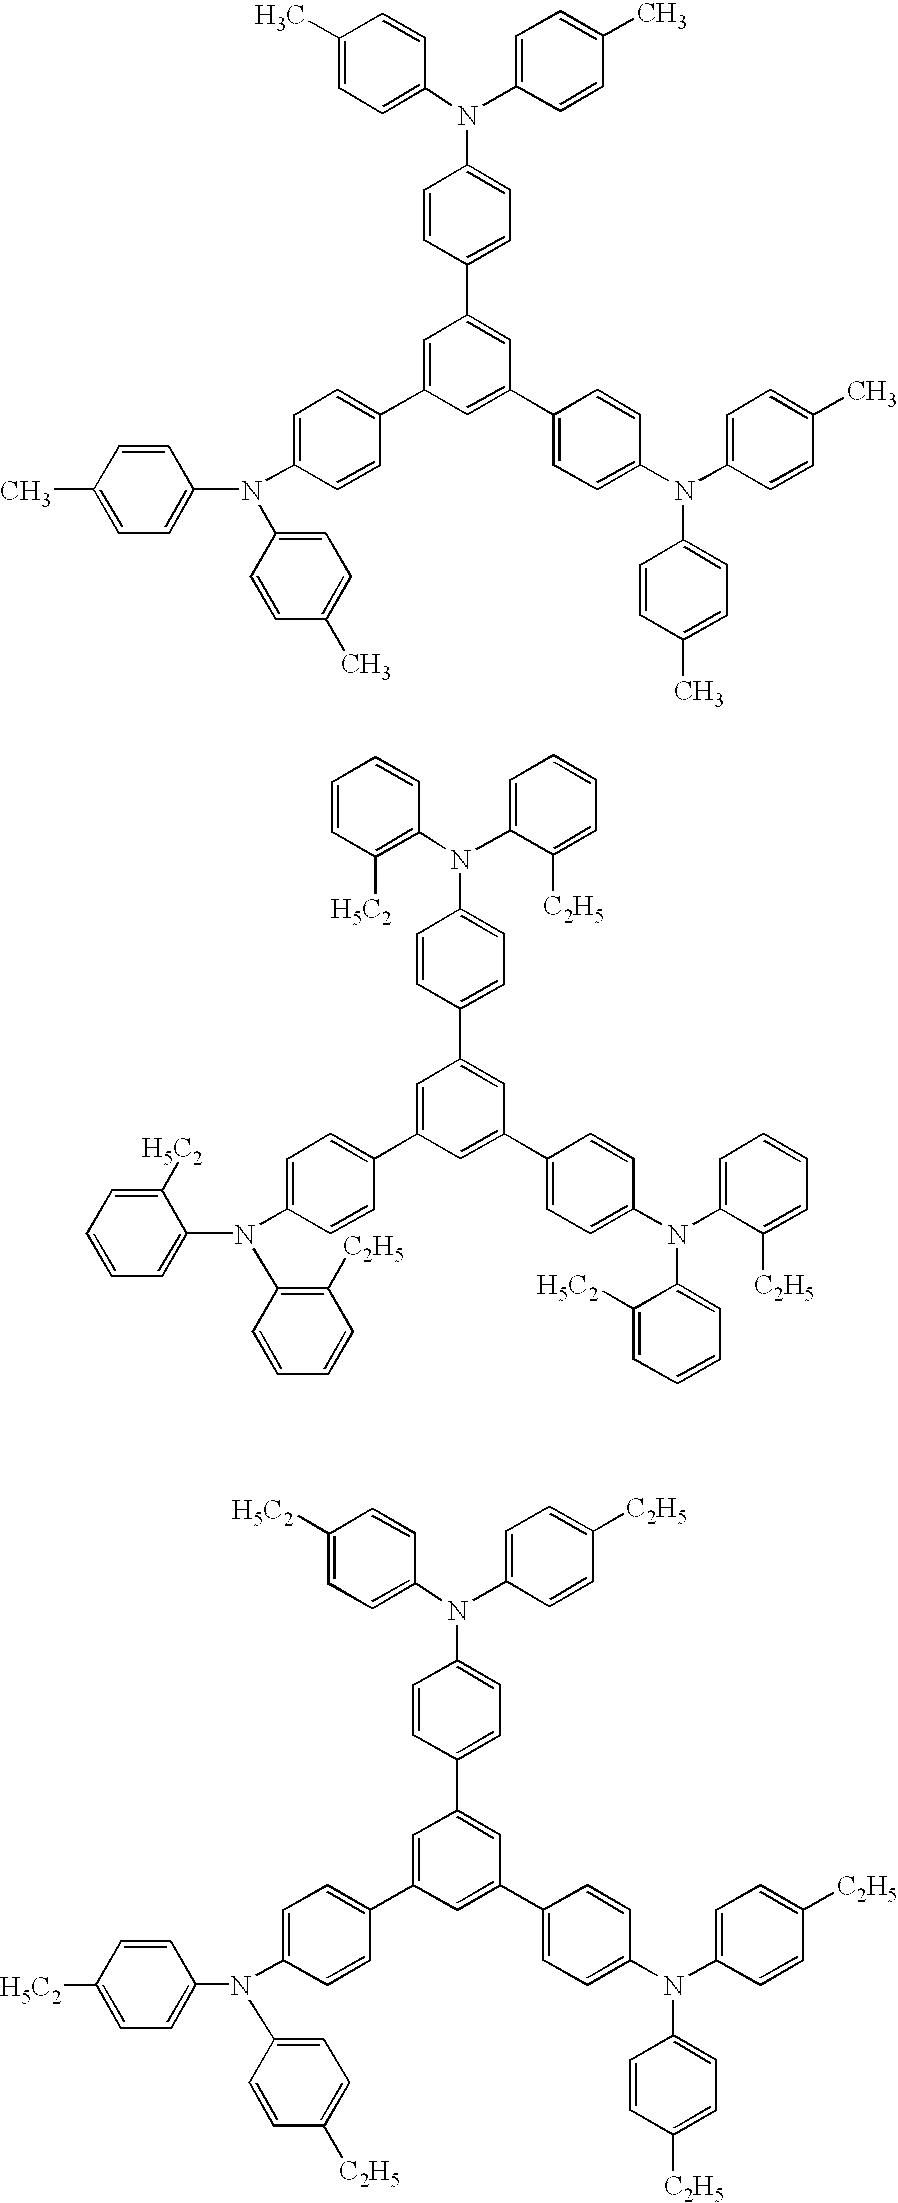 Figure US06541128-20030401-C00046